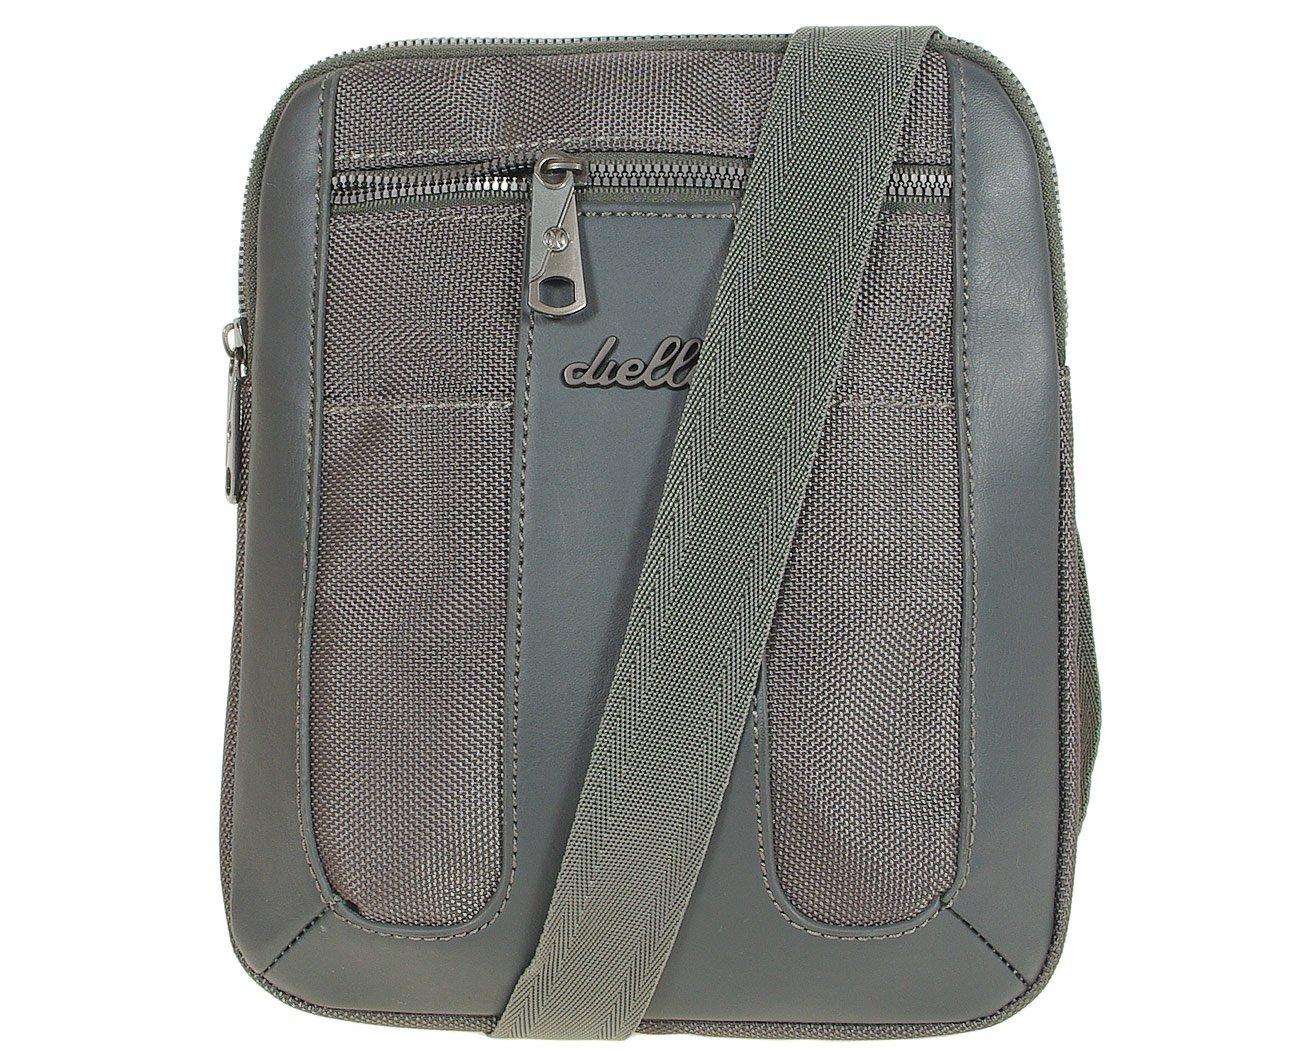 Dielle 7640 torba na ramię grigio